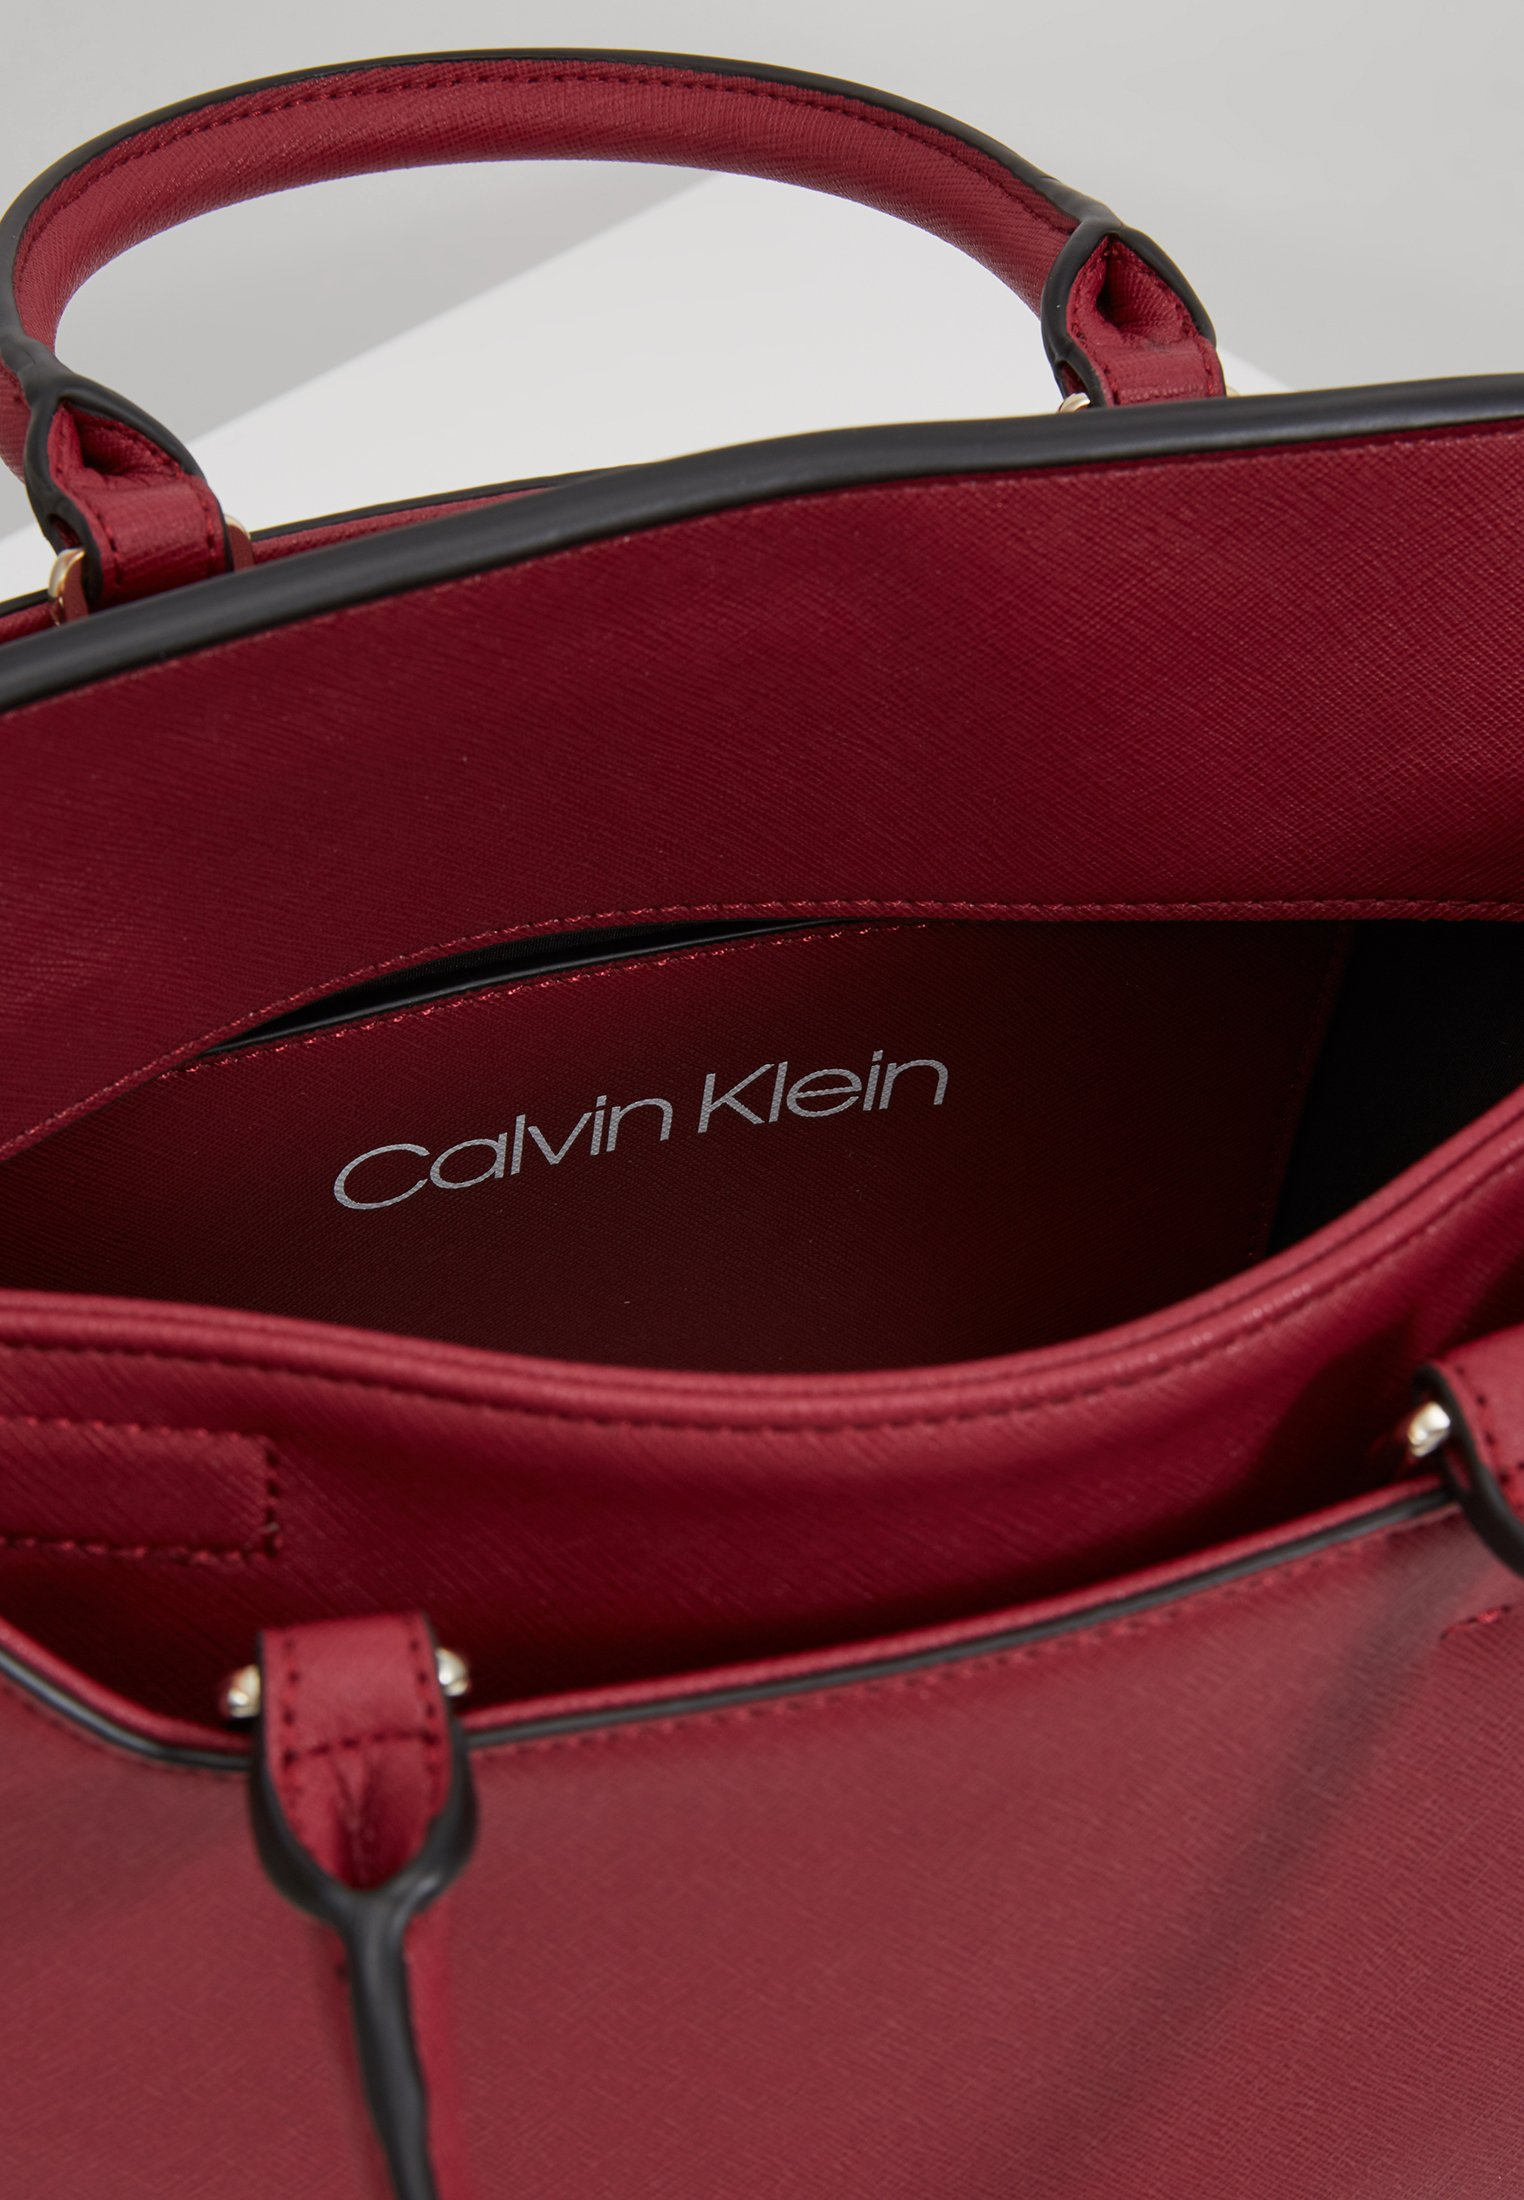 Calvin Klein Task Tote - Handtasche Red Black Friday